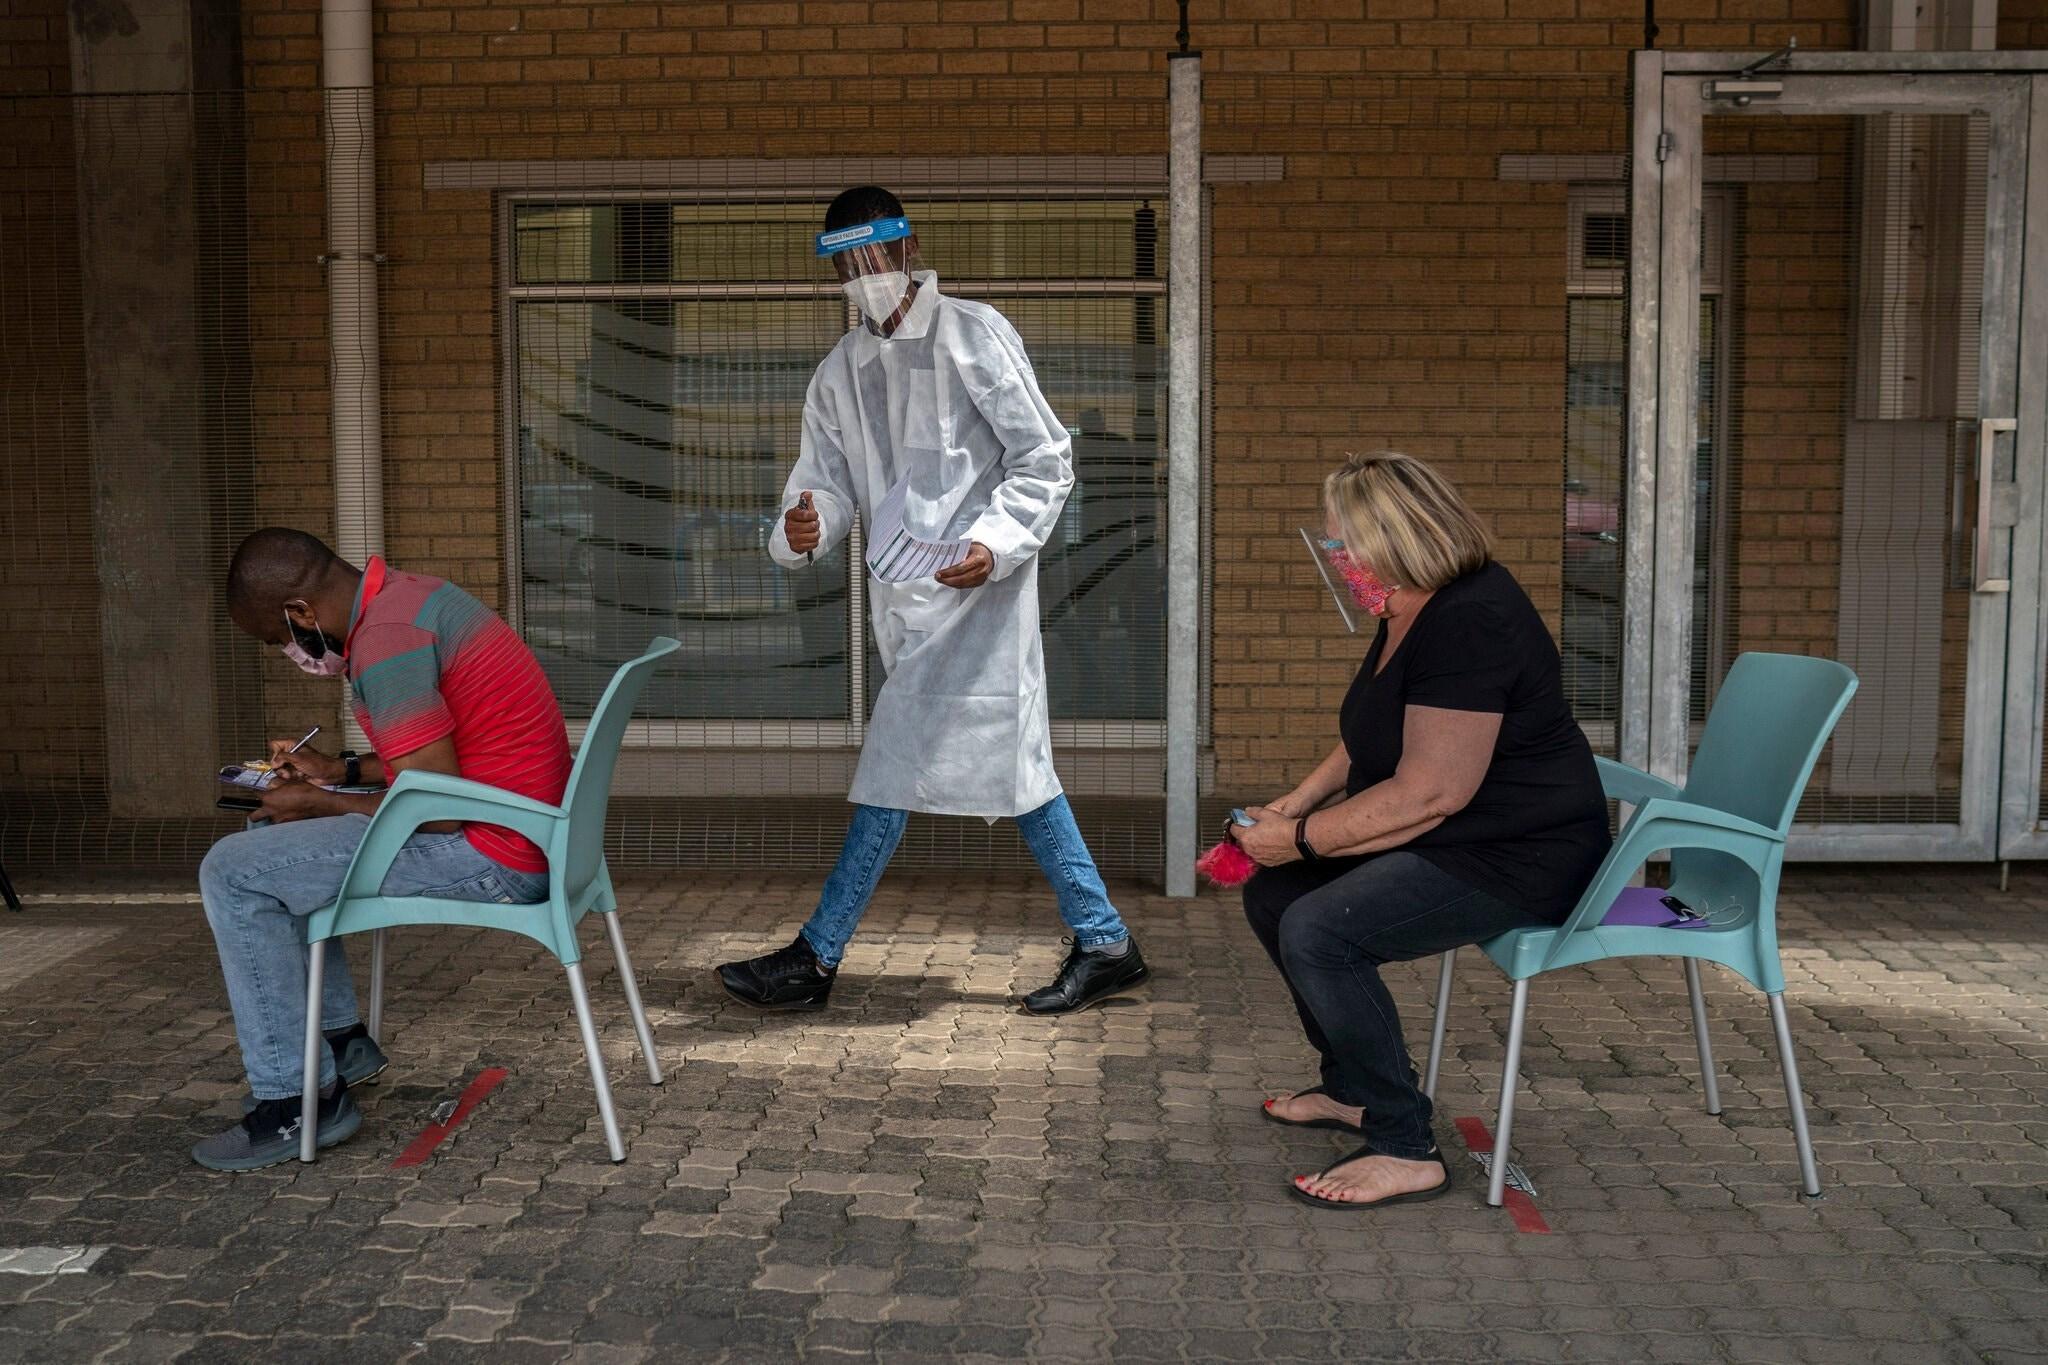 خلال التسجيل لإجراء اختبار كورونا في مدينة جوهانسبرغ في جنوب أفريقيا.